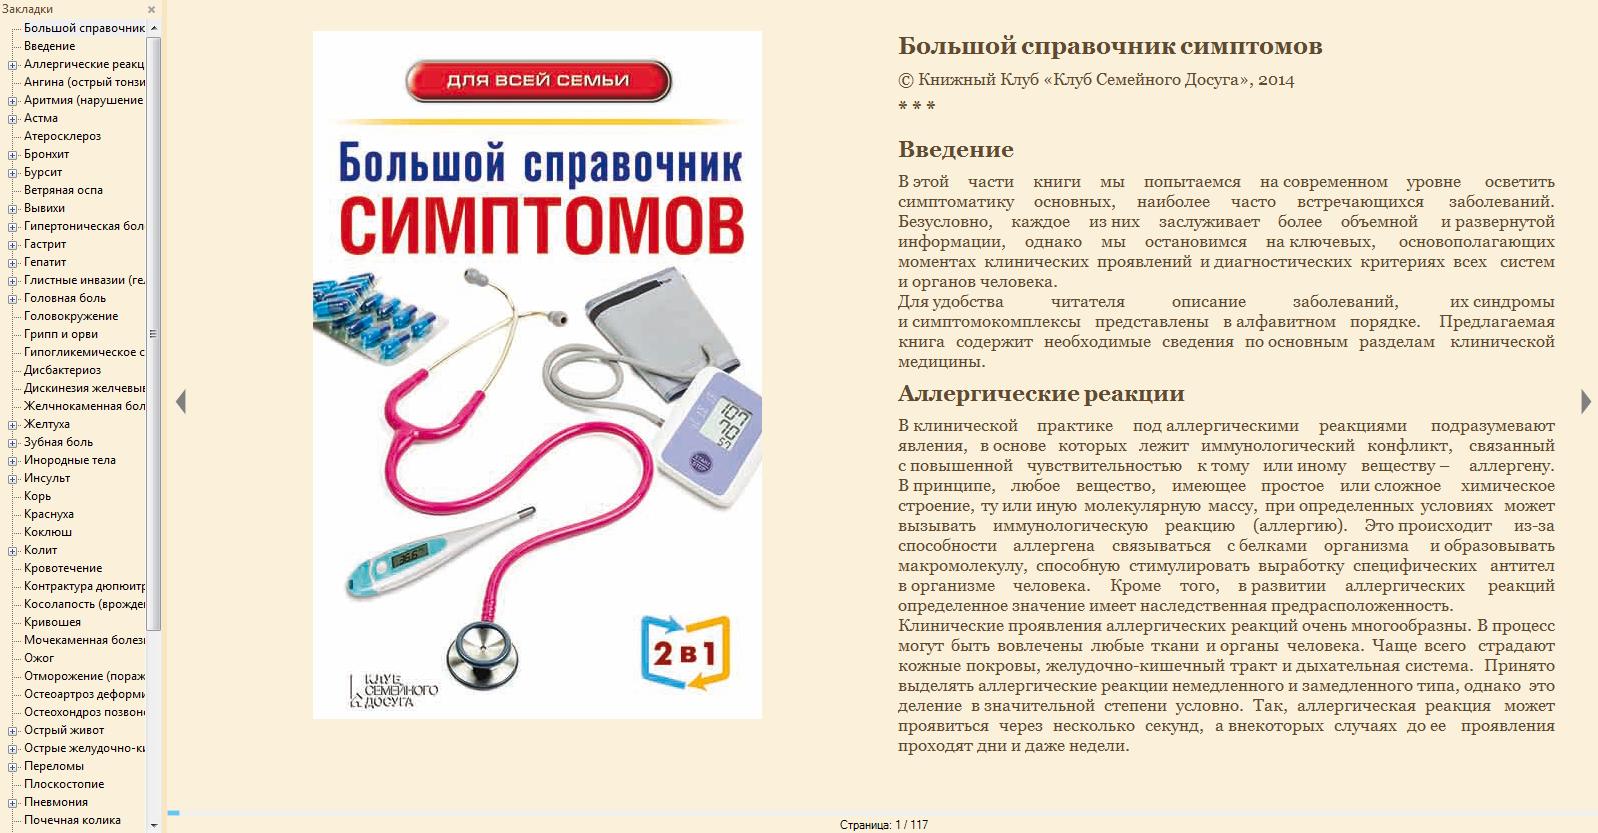 Пенделя Андрей (сост.) - Большой справочник симптомов (2014) FB2